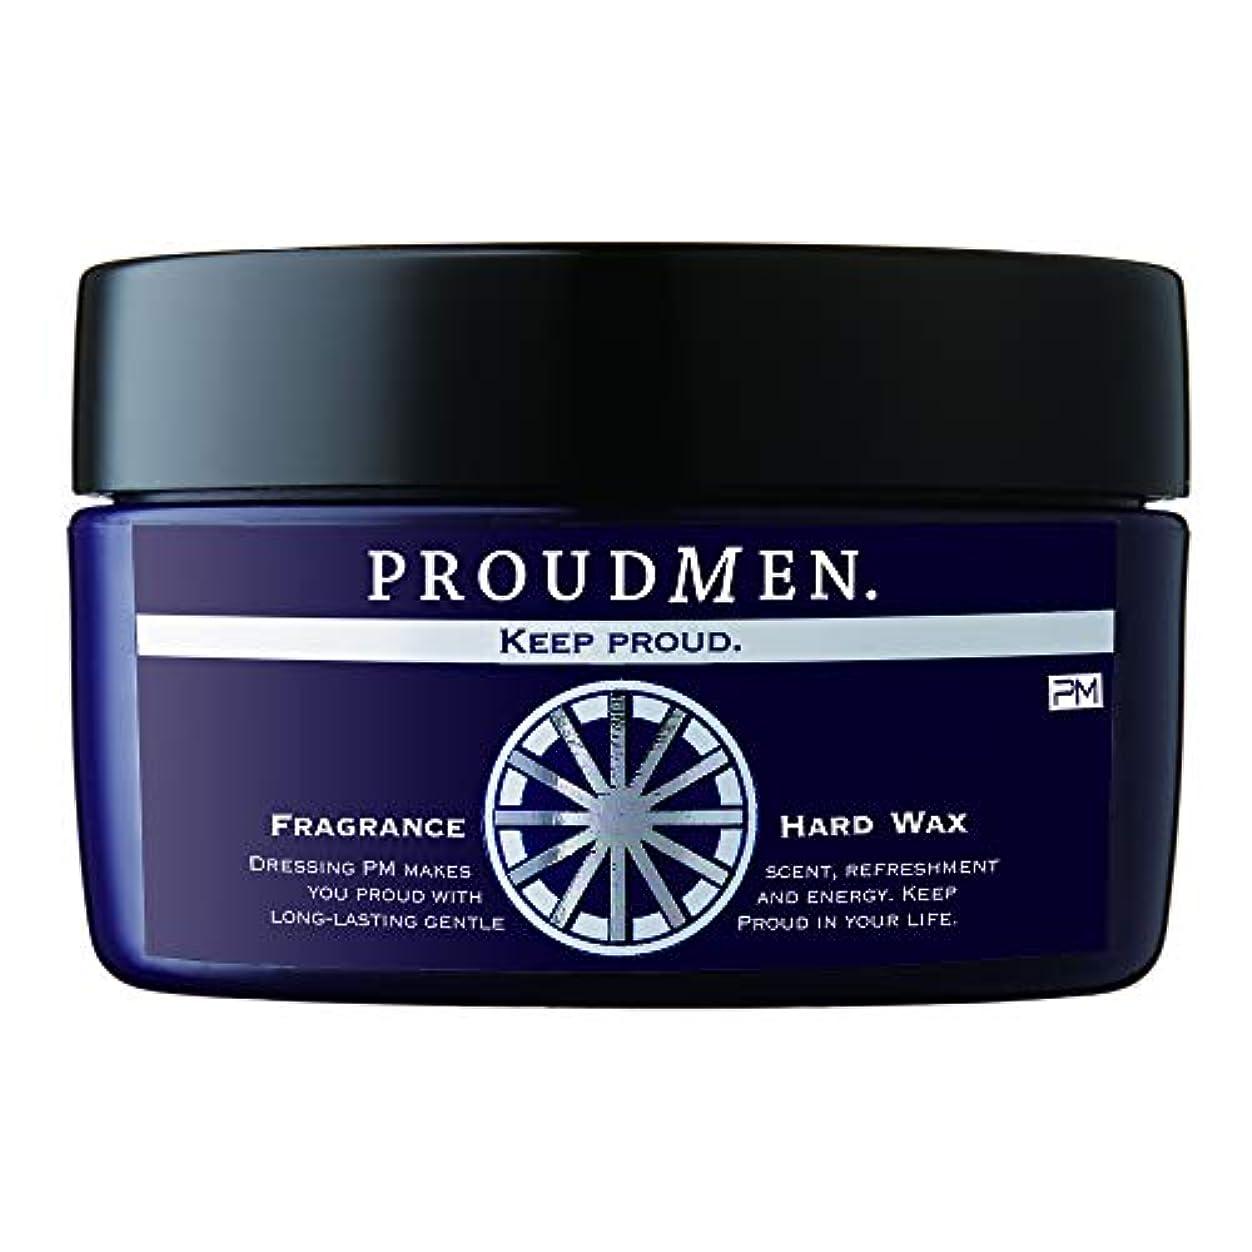 まつげ剃るカリキュラムプラウドメン フレグランスハードワックス 60g (グルーミング?シトラスの香り) 整髪料 スタイリング剤 ヘアワックス メンズ 男性